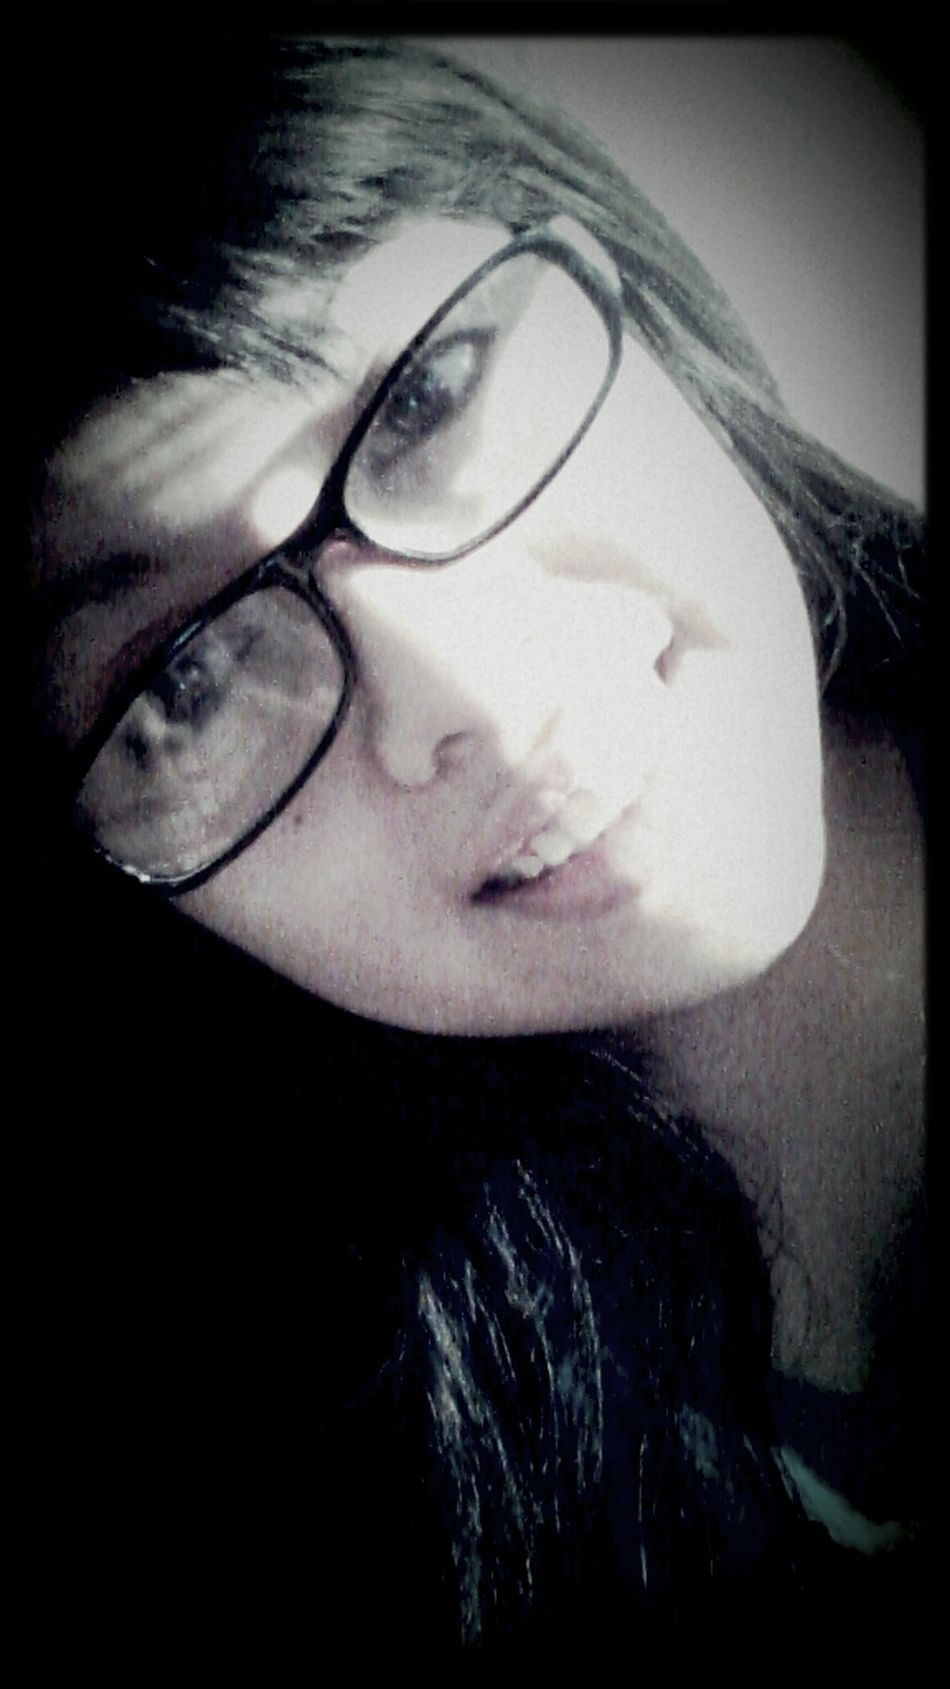 Boredd. (: